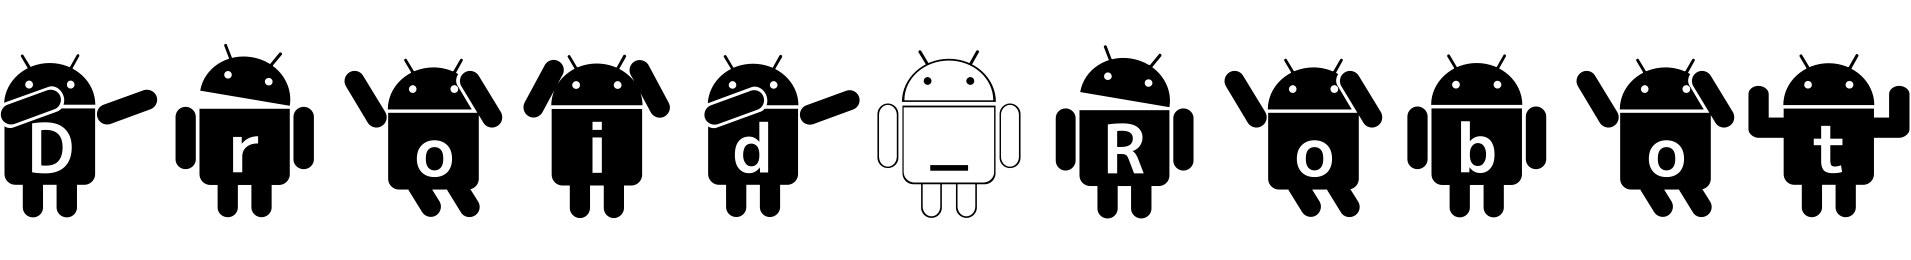 Droid_Robot